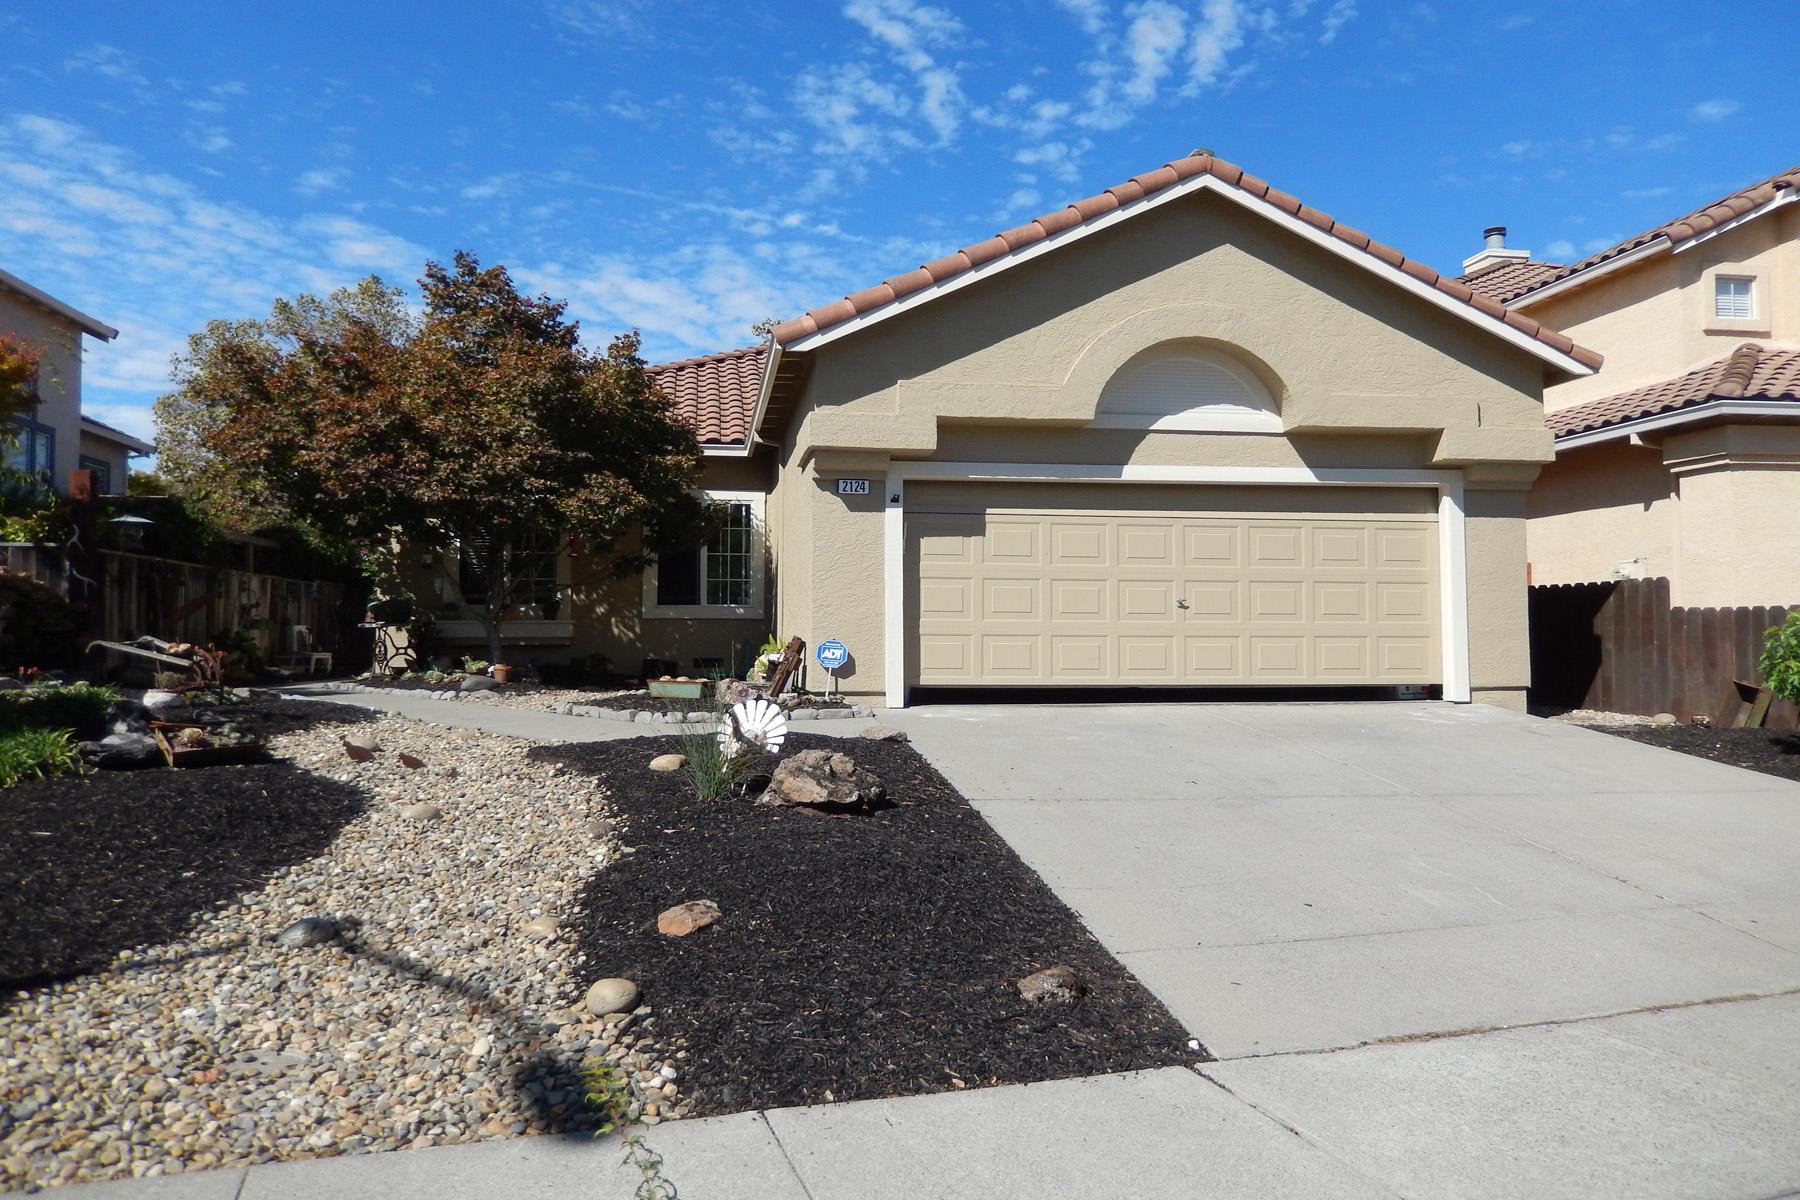 Tek Ailelik Ev için Satış at 2124 Camenson St, Napa, CA 94558 2124 Camenson St Napa, Kaliforniya 94558 Amerika Birleşik Devletleri